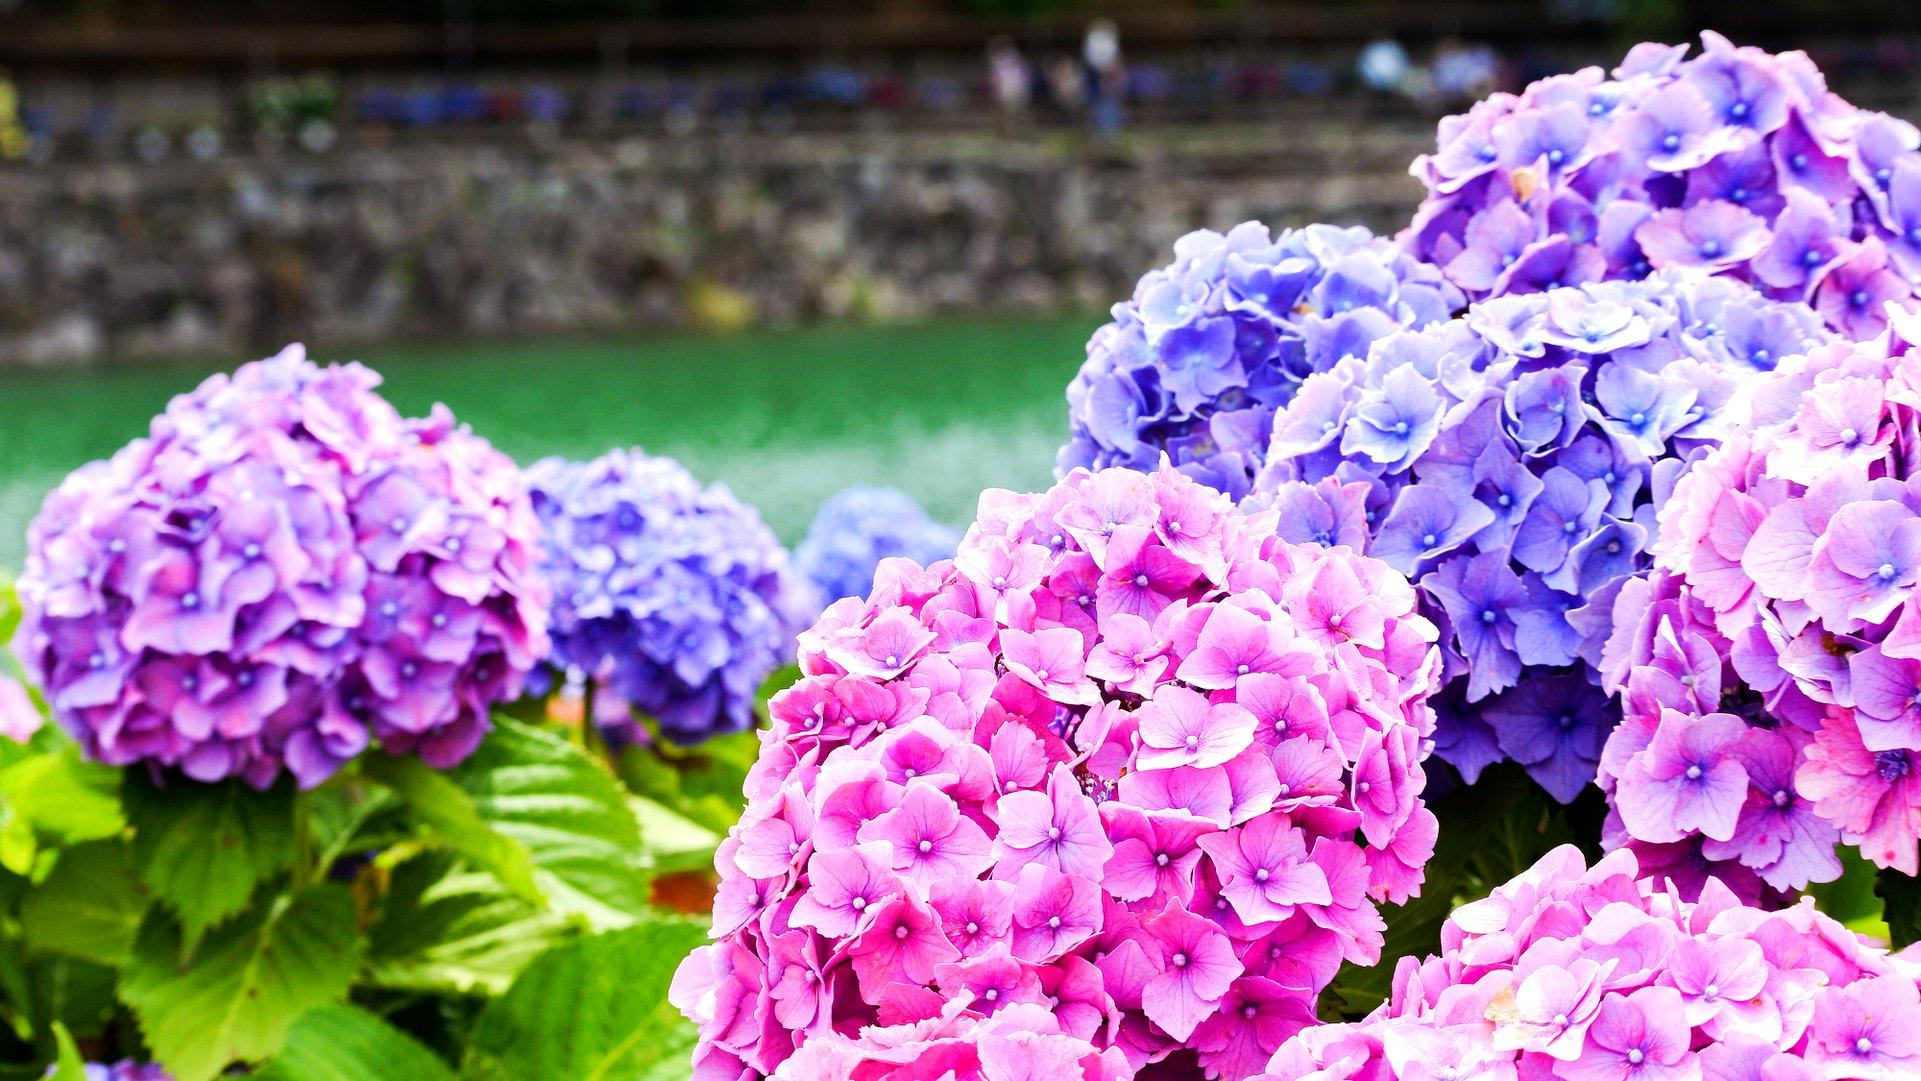 梅雨時の絶景。日本各地の「紫陽花(アジサイ)名所」11選 - TRiP EDiTOR